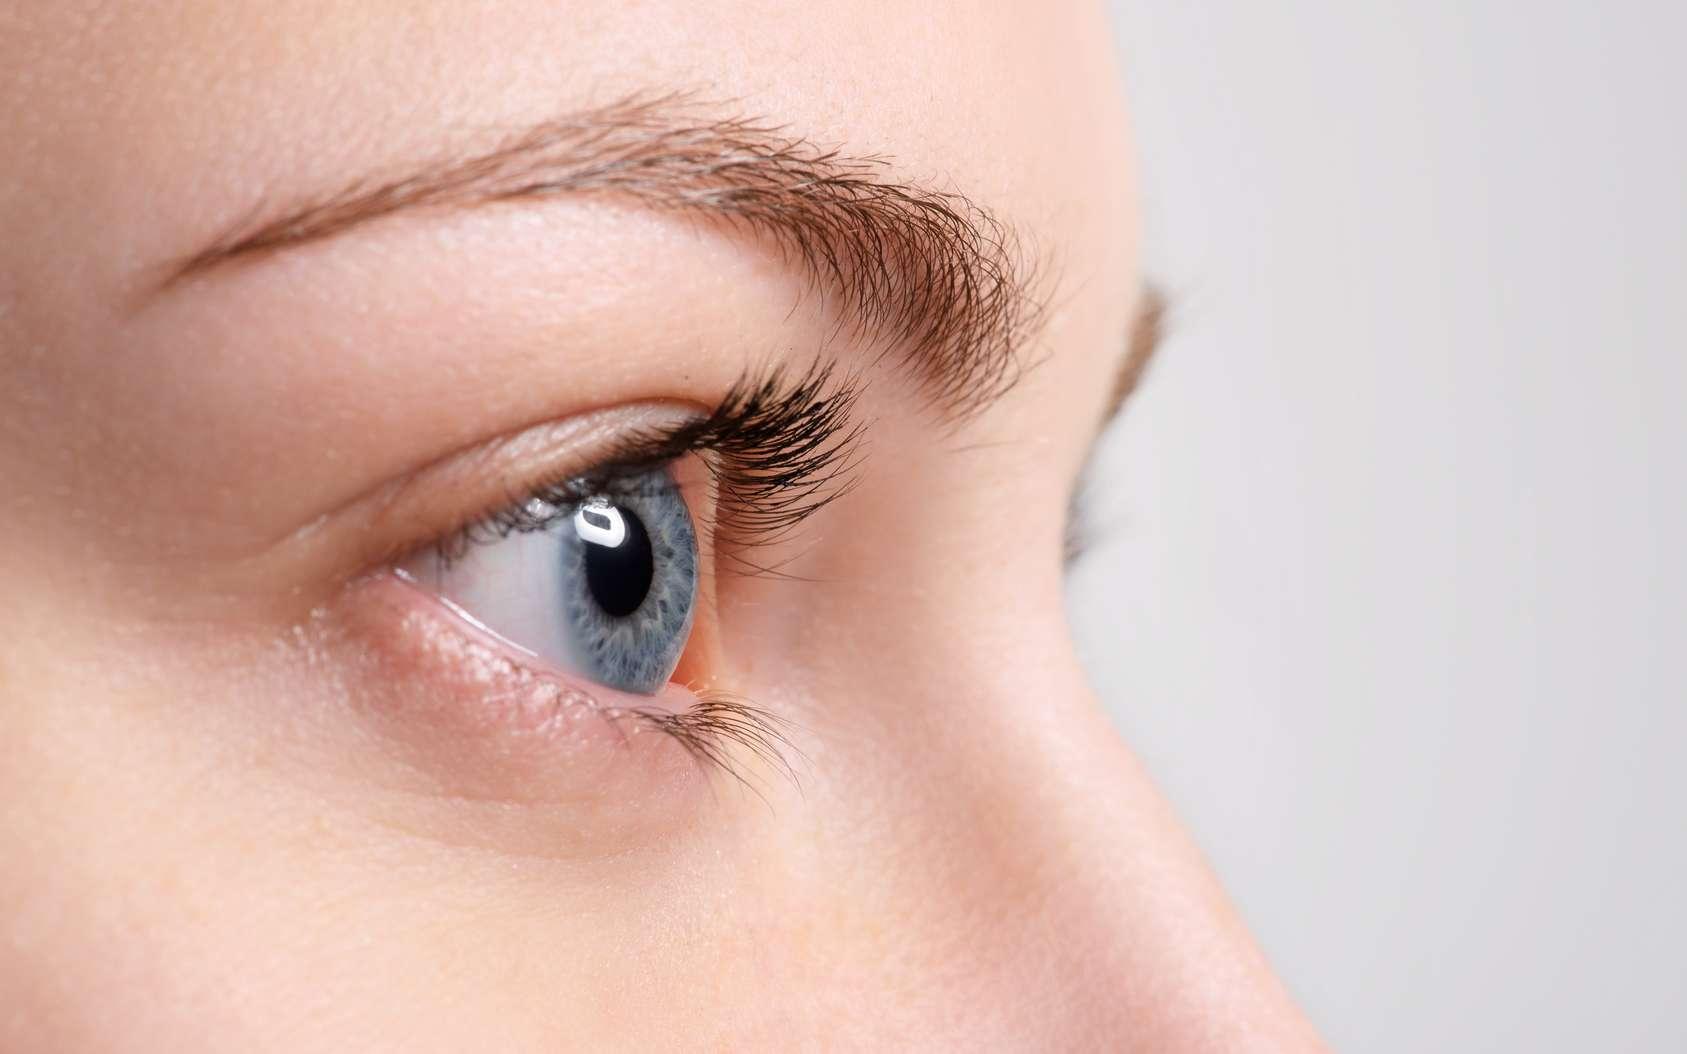 À quoi servent les sourcils ? © chettythomas, fotolia